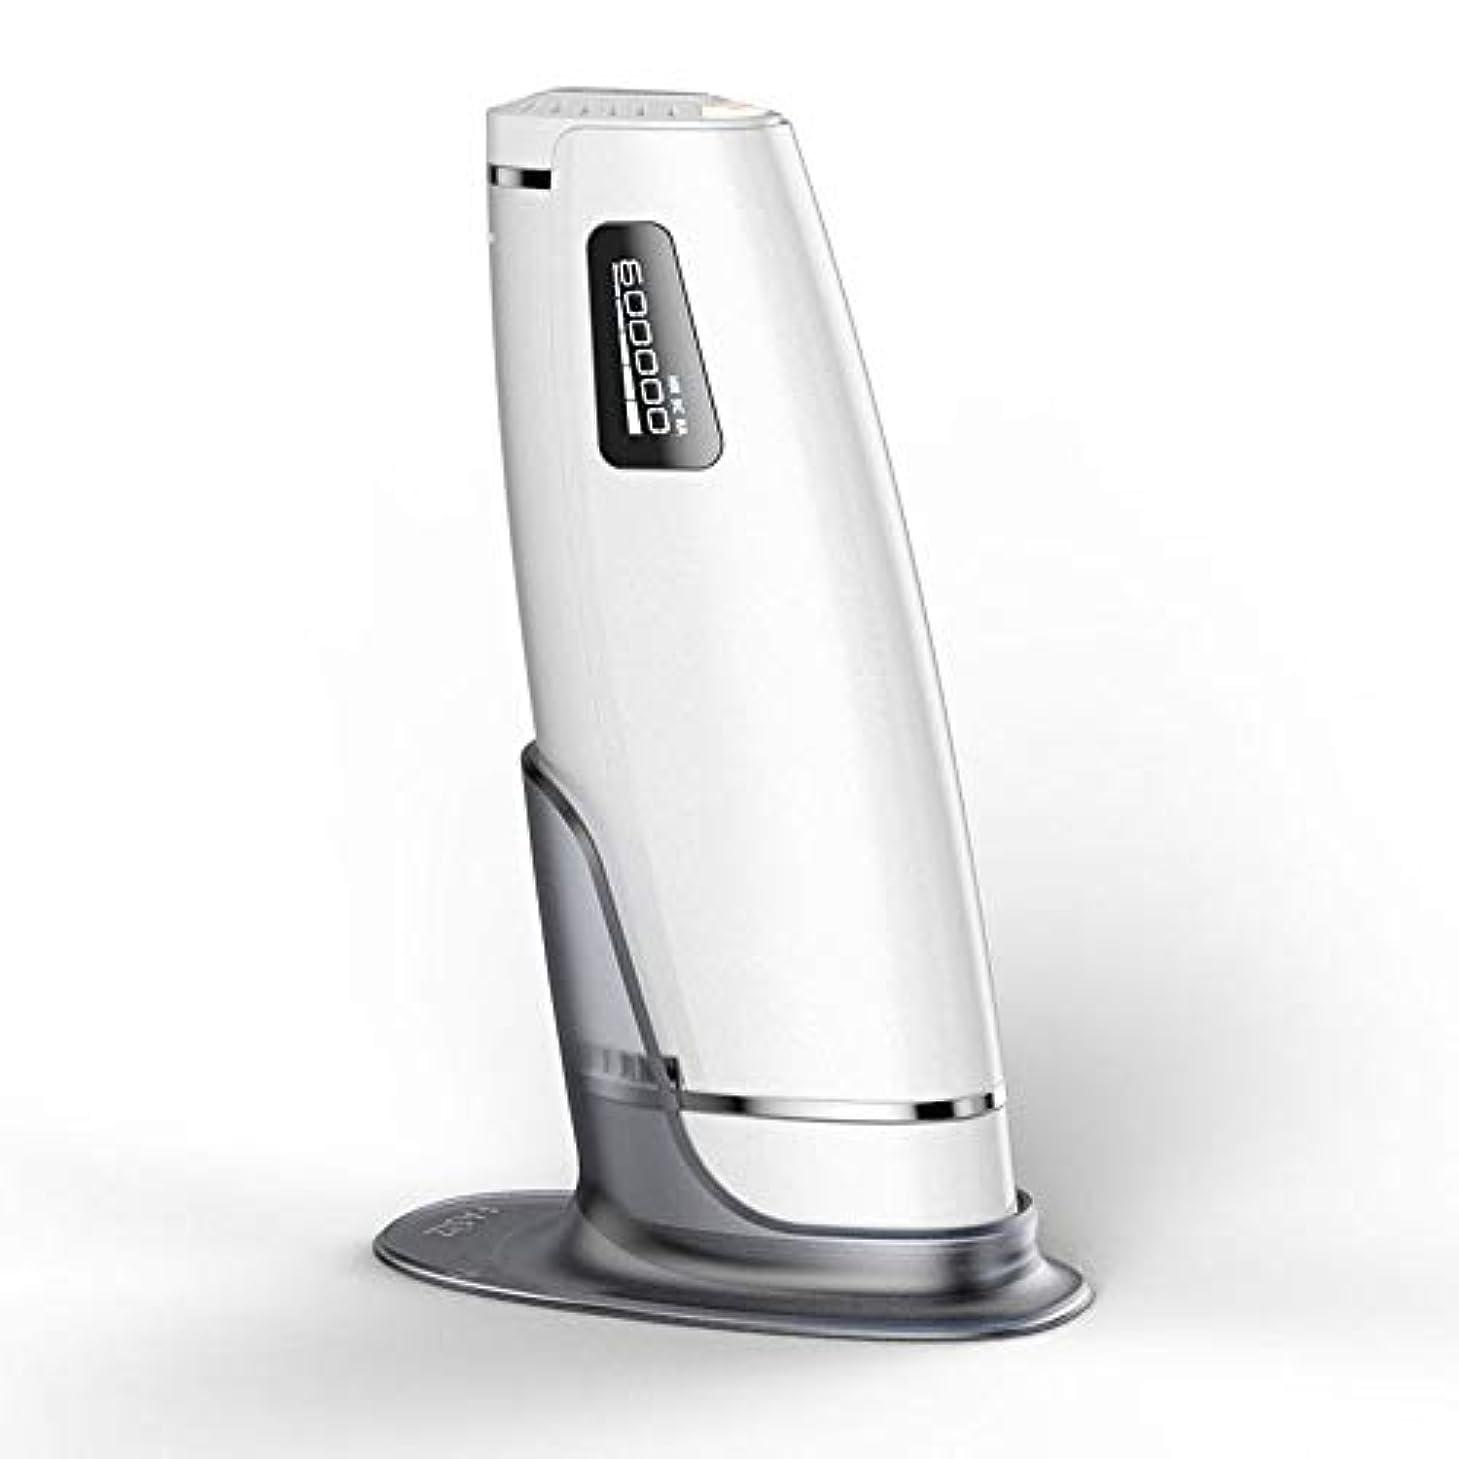 隠受け取るカートリッジNuanxin 家庭用自動痛みのない毛の除去剤、白、携帯用永久的な毛の除去剤、二重モード、5つの速度調節、サイズ20.5 X 4.5 X 7 Cm F30